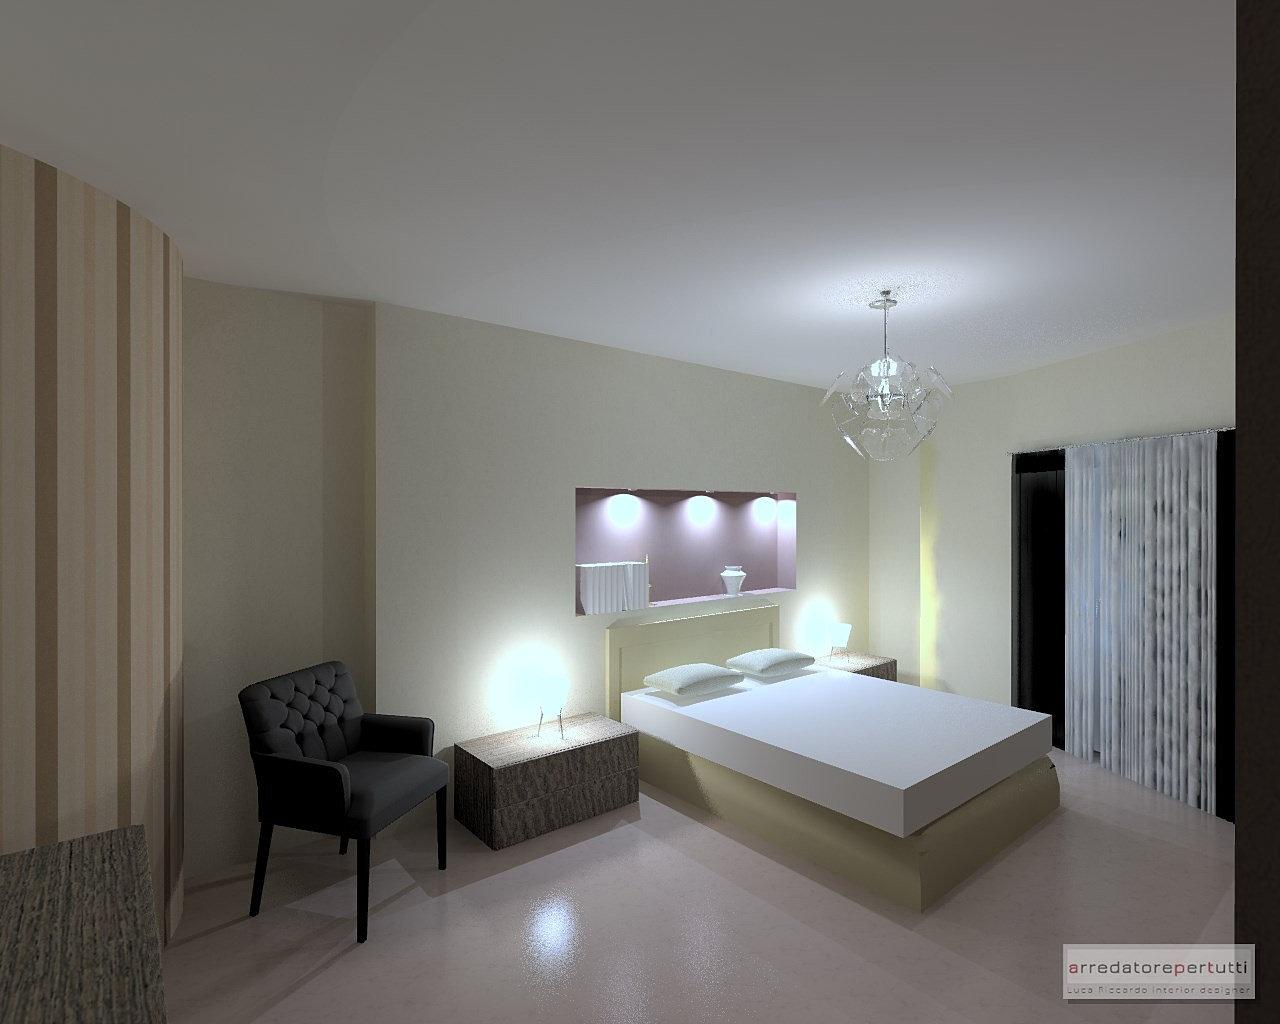 ... interni online,interior design  camera con nicchia nel muro